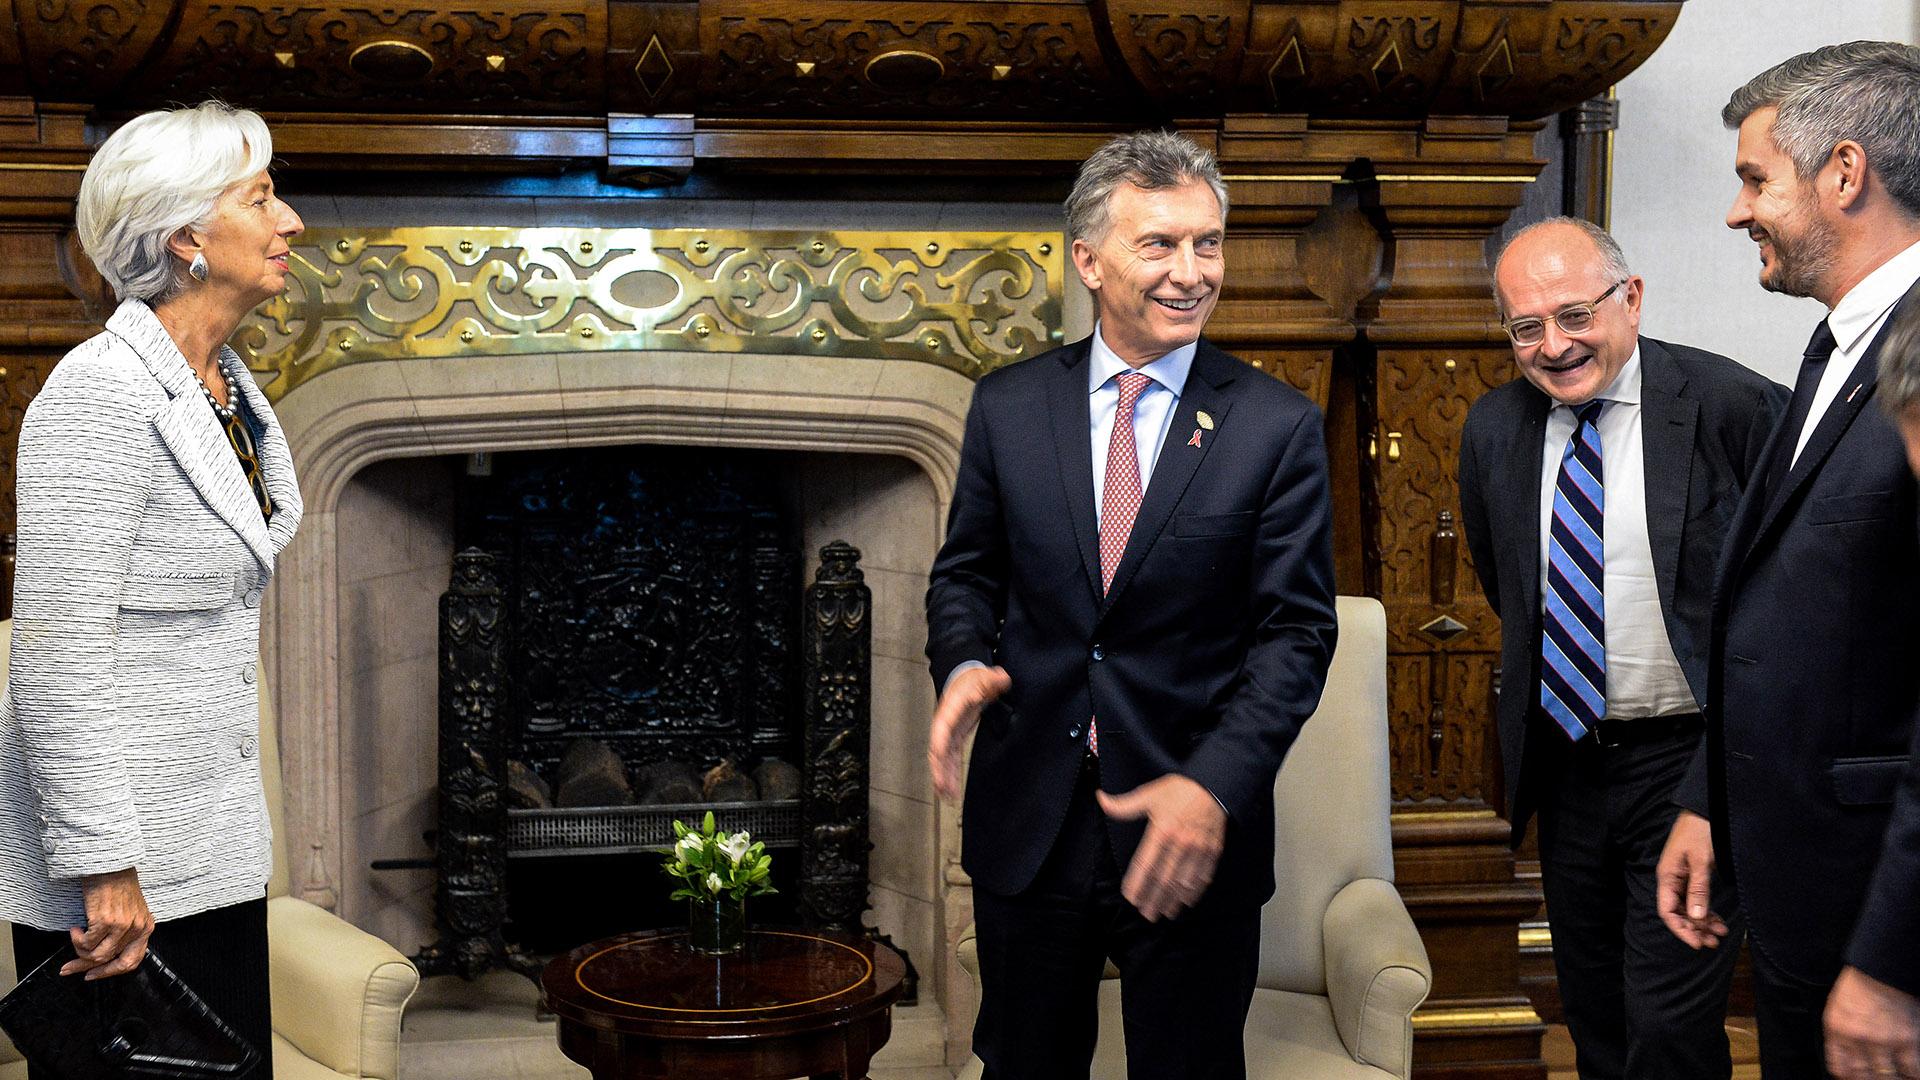 La titular del FMI Christine Lagarde fue recibida por Macri en la Casa Rosada